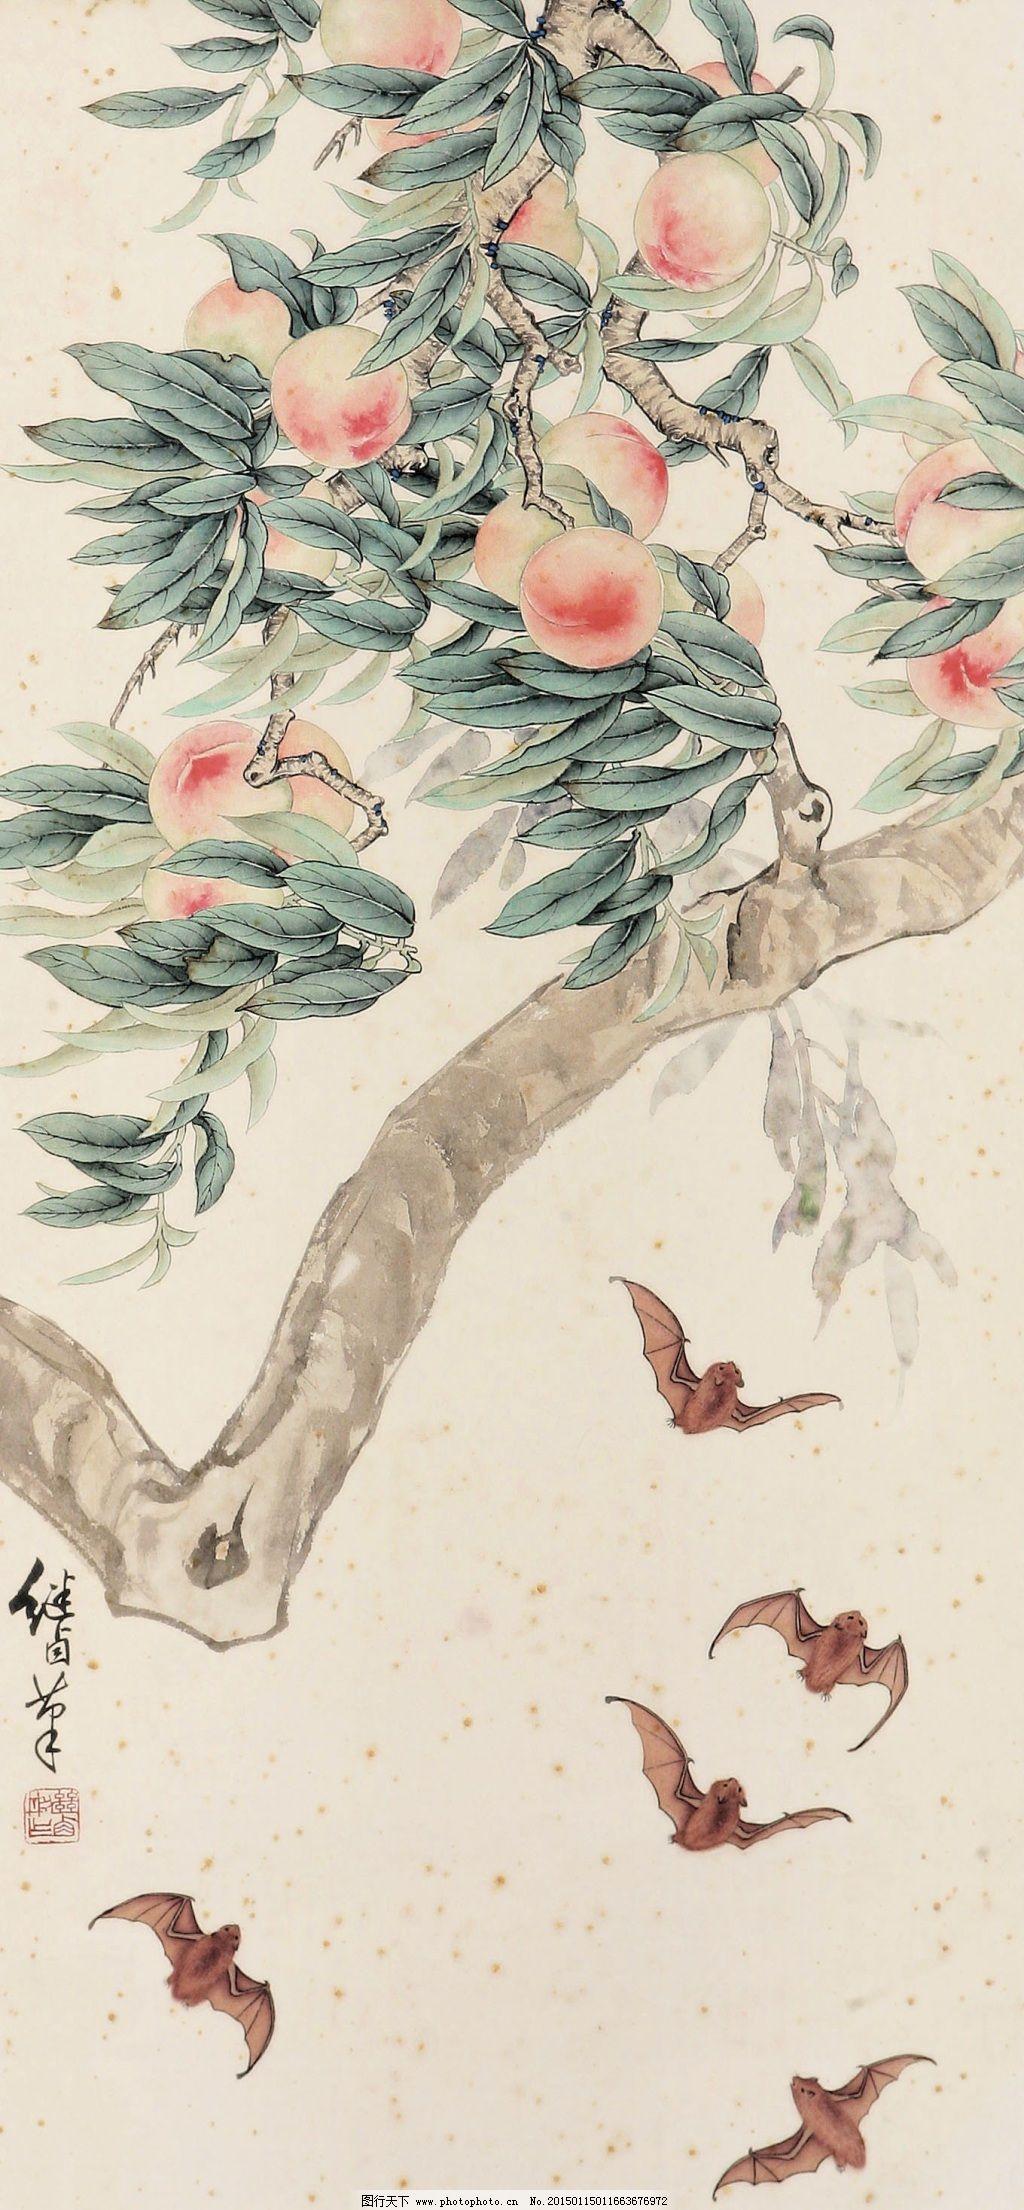 福寿图 福寿图免费下载 蝙蝠 刺绣 寿桃 中国画 立轴 工笔瓜果画